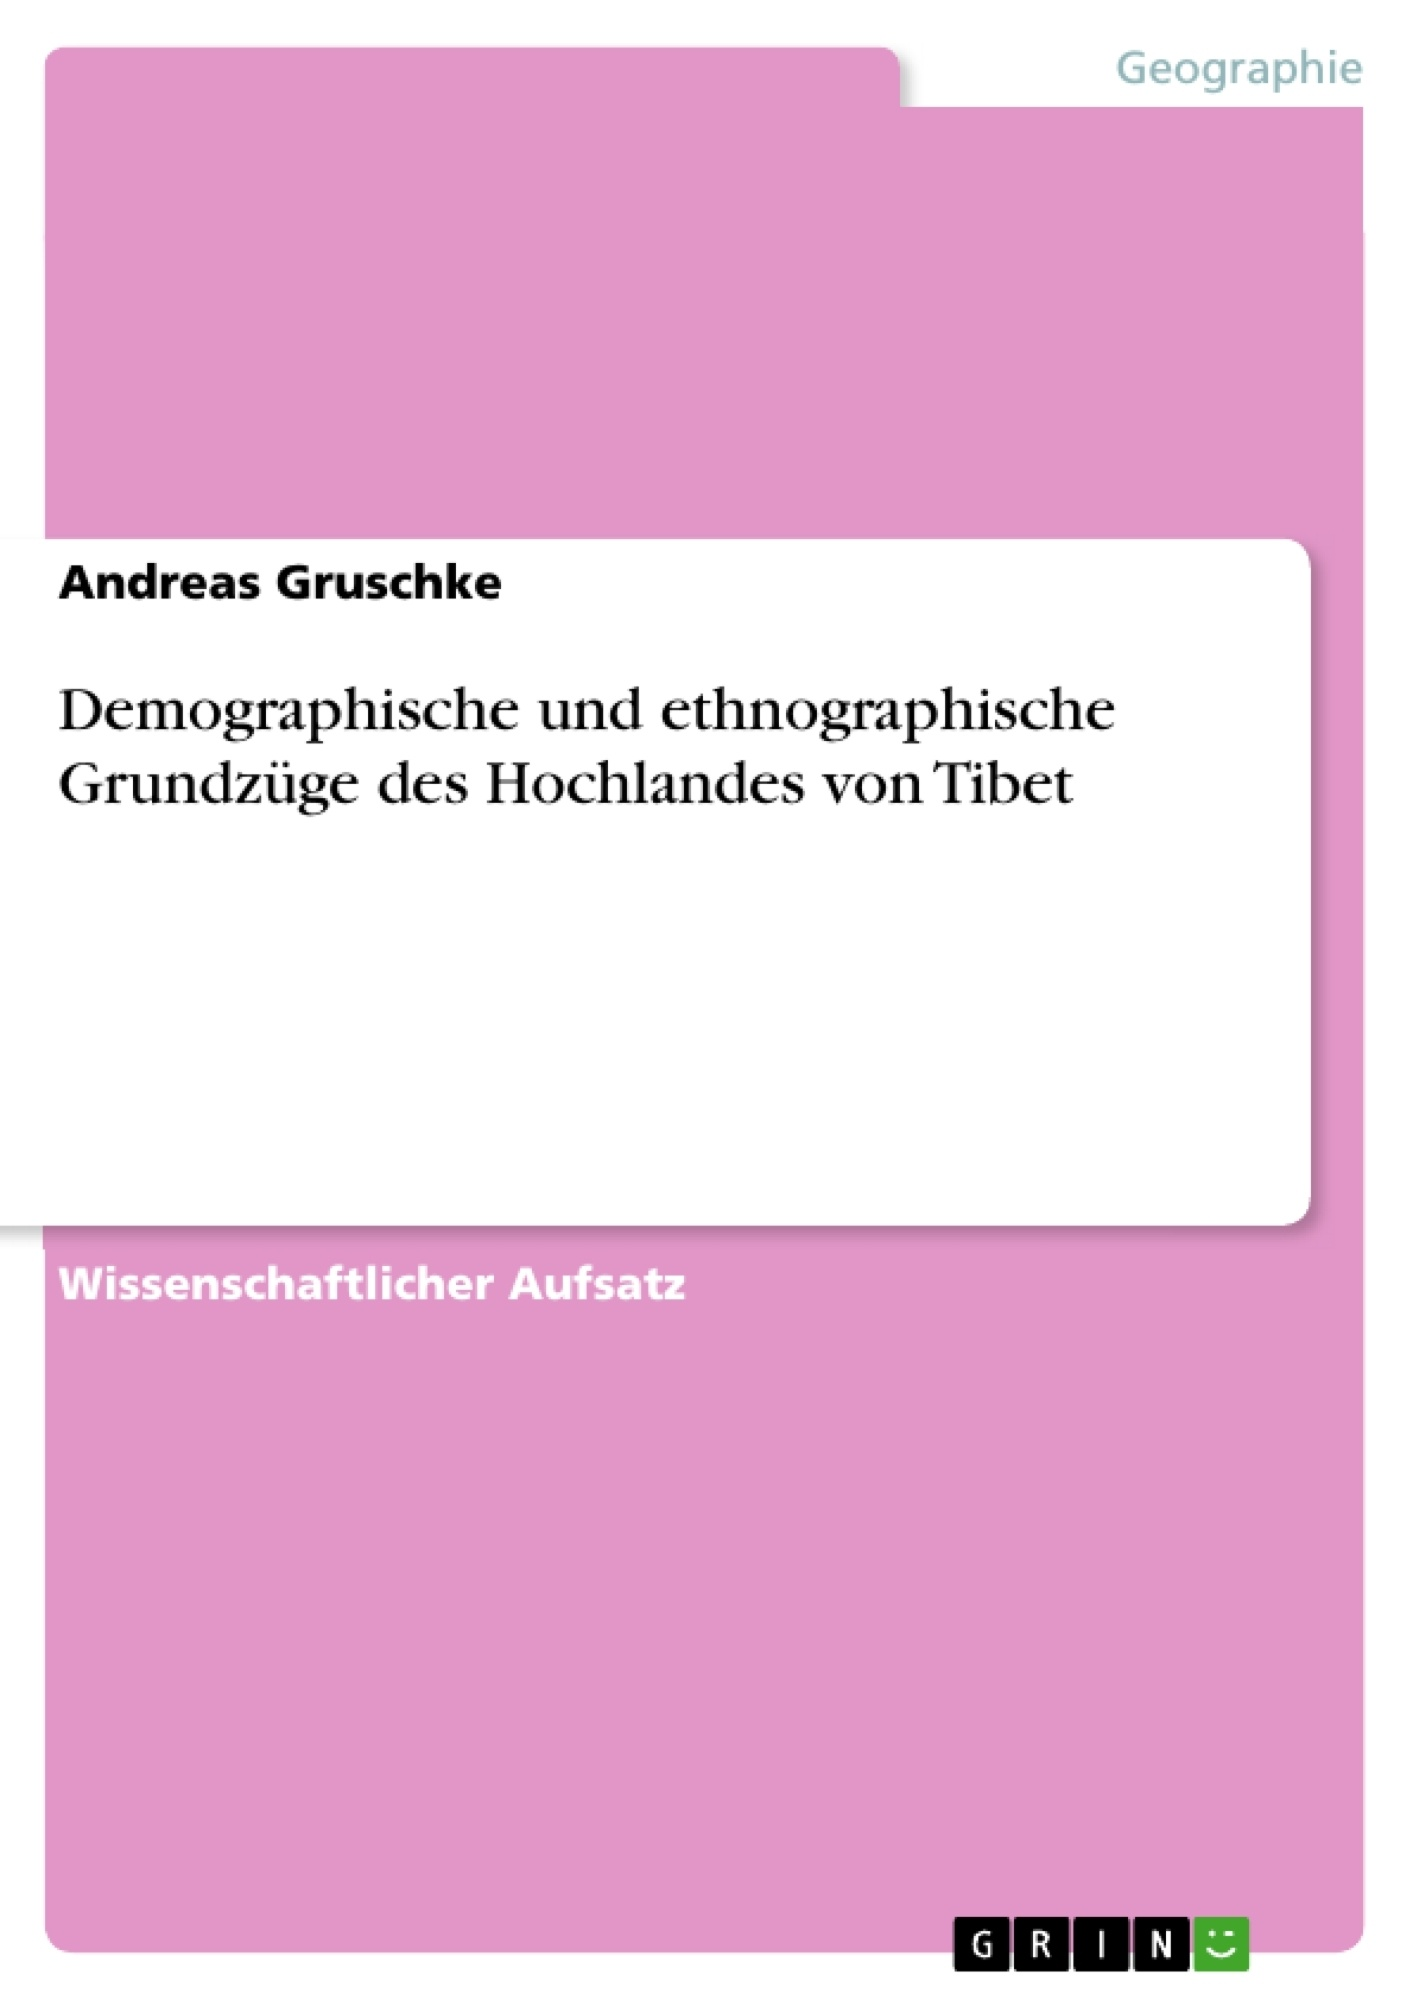 Titel: Demographische und ethnographische Grundzüge des Hochlandes von Tibet